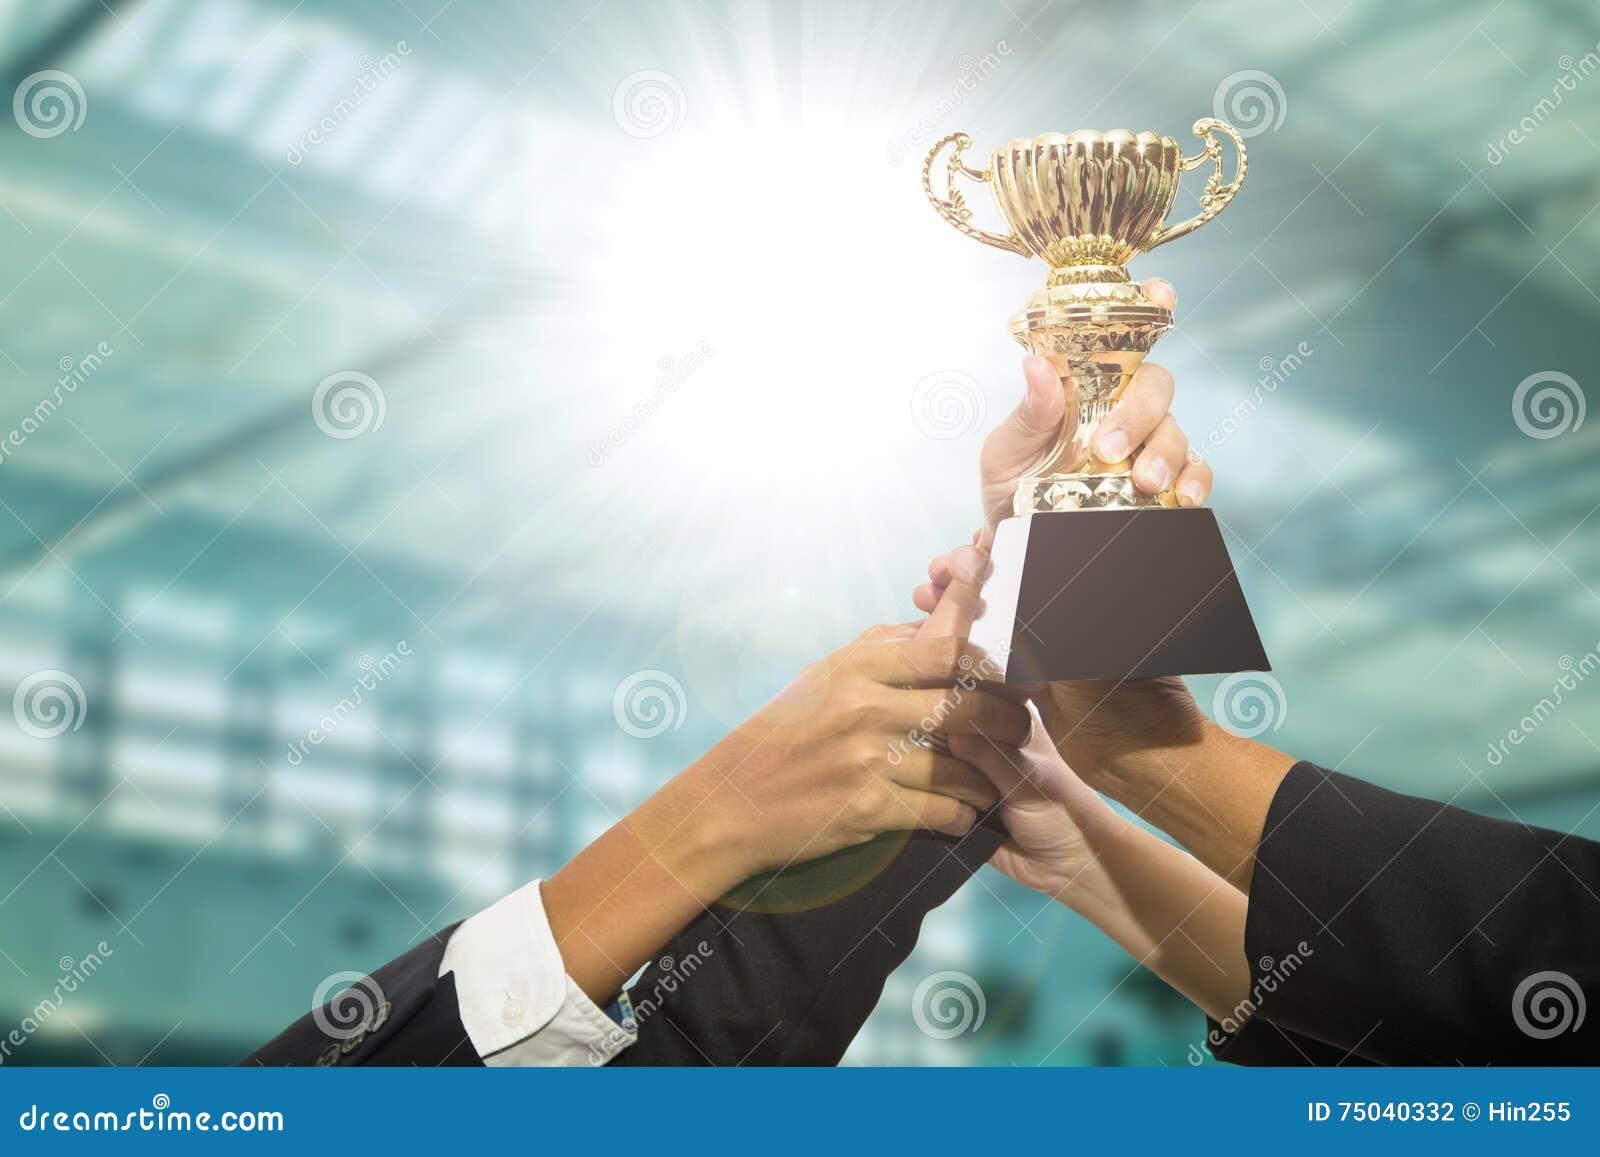 Trophée de récompense